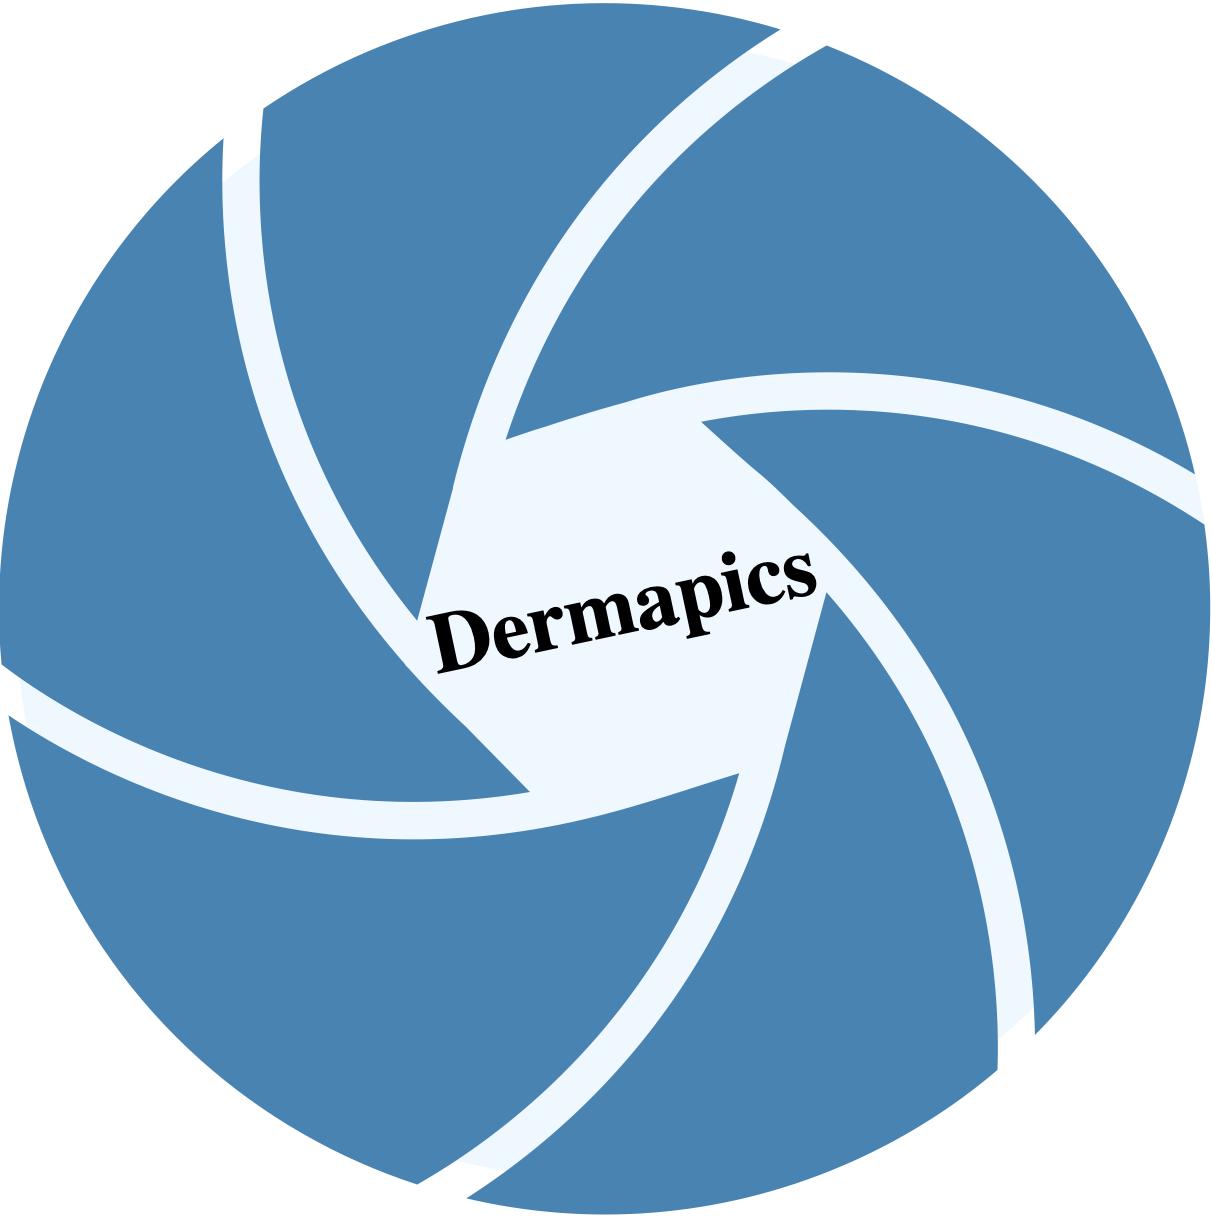 Dermapics.com